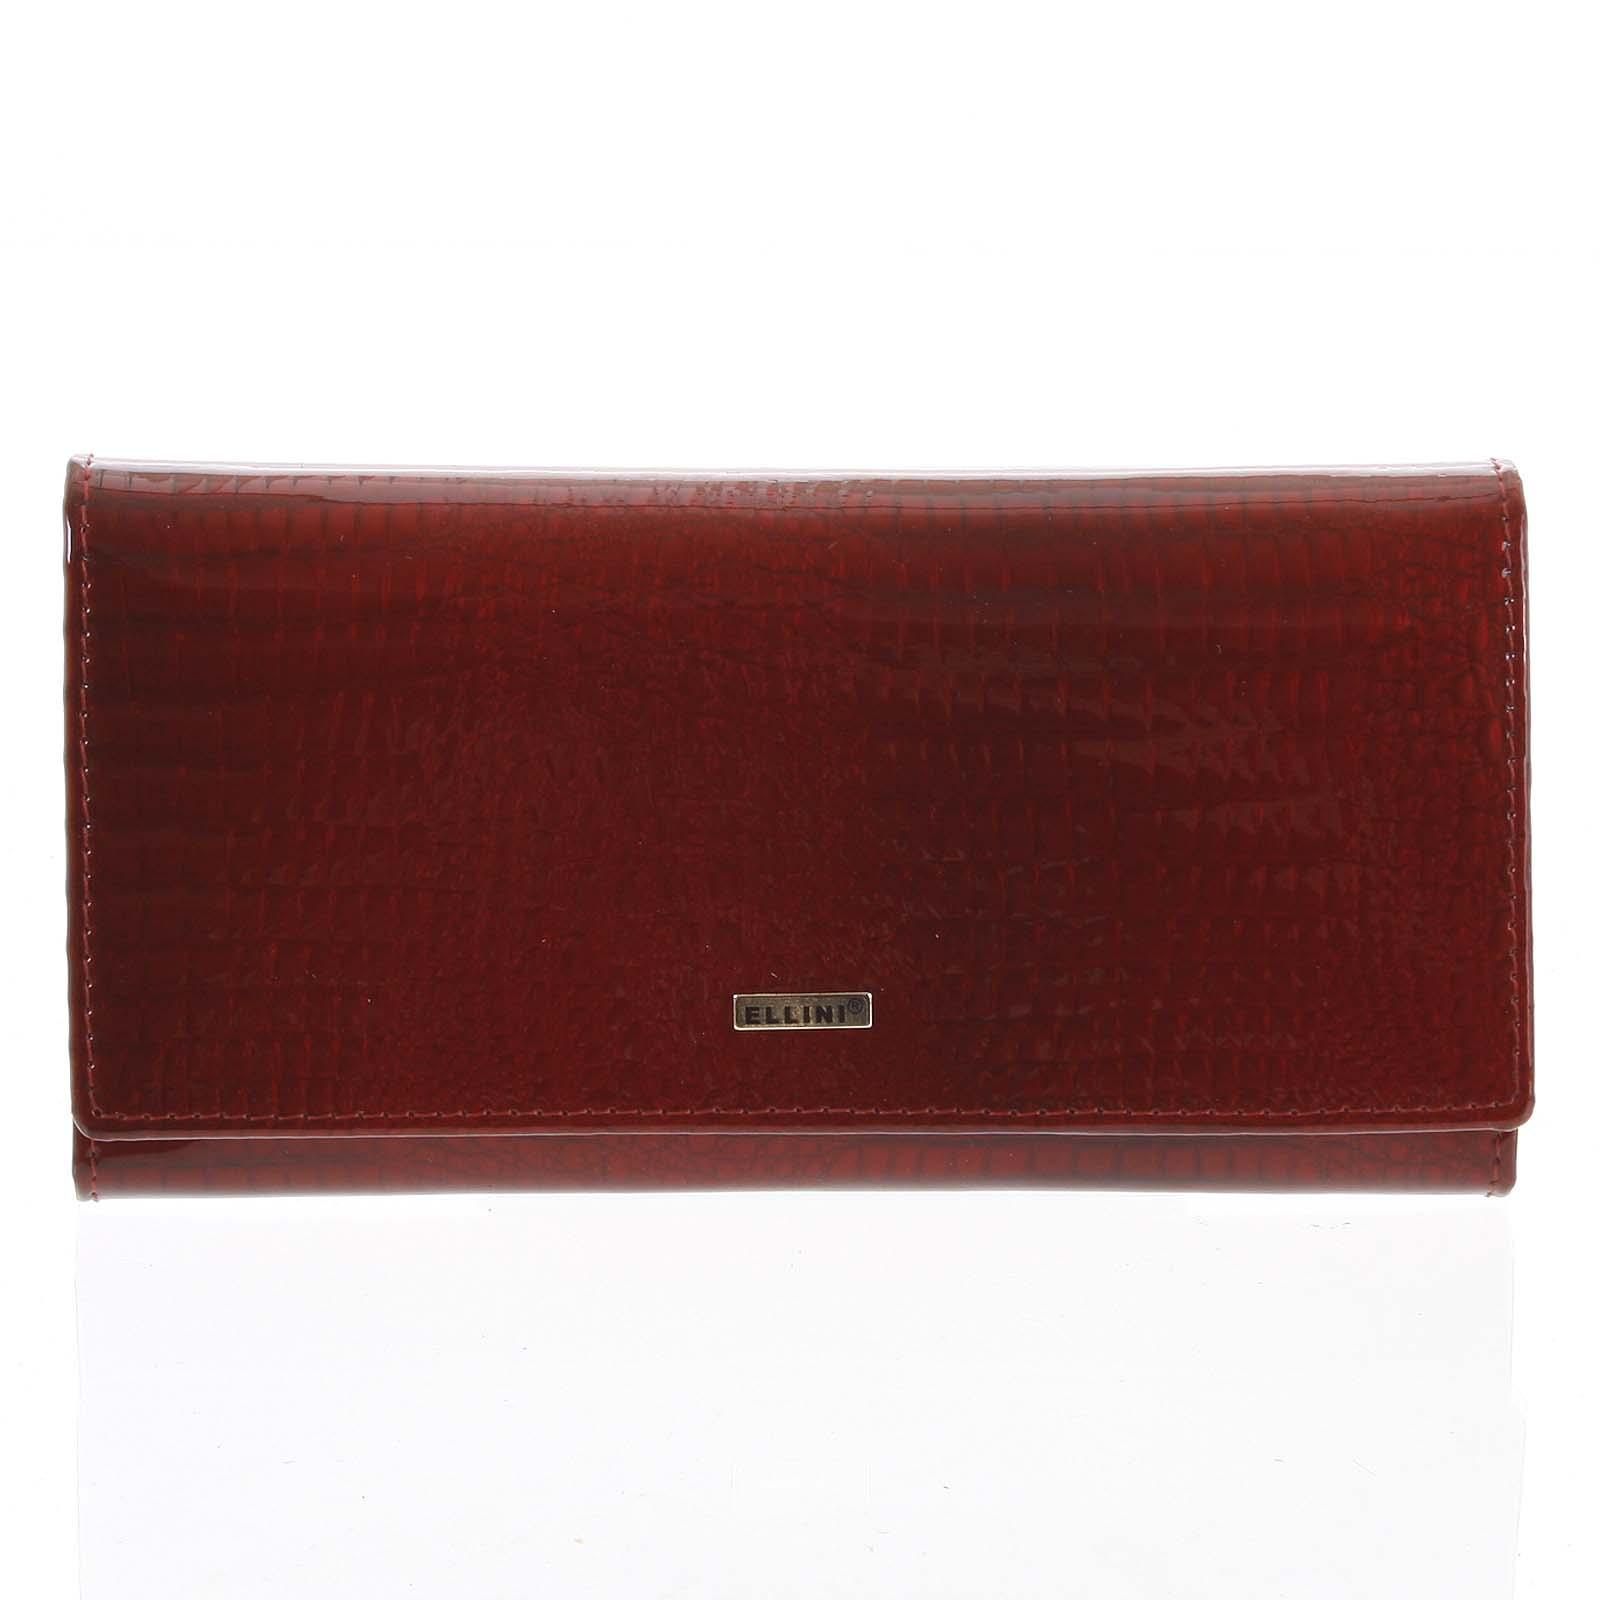 Dámska kožená peňaženka červená - Ellini Curcio červená